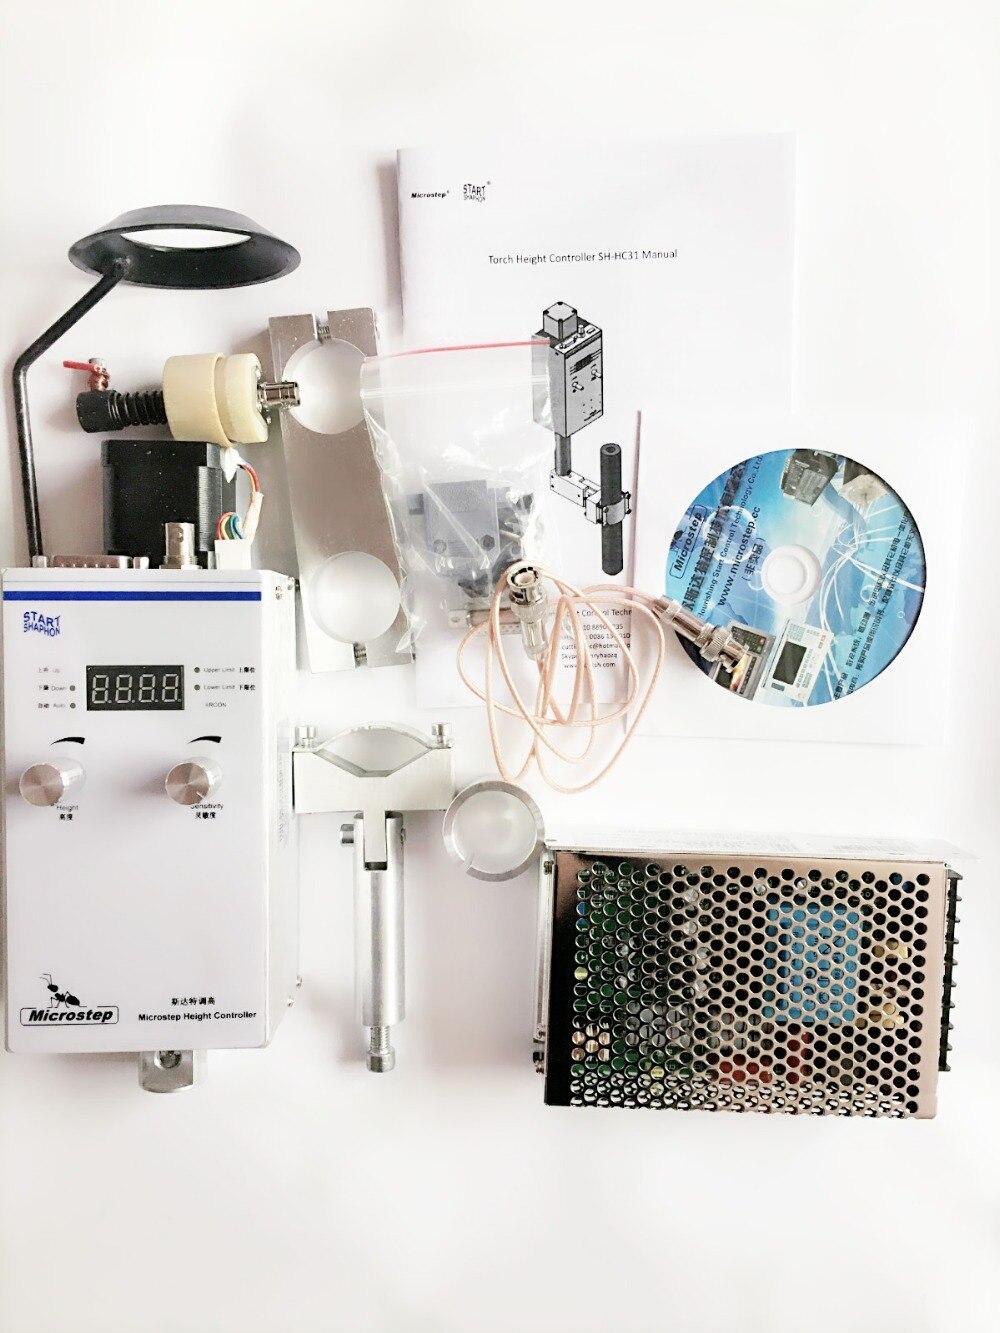 Nuova Versione Automatica Ad Arco e protezione di tensione plasma di controllo altezza torcia per CNC taglio Al Plasma macchina di taglio THC SH-HC31